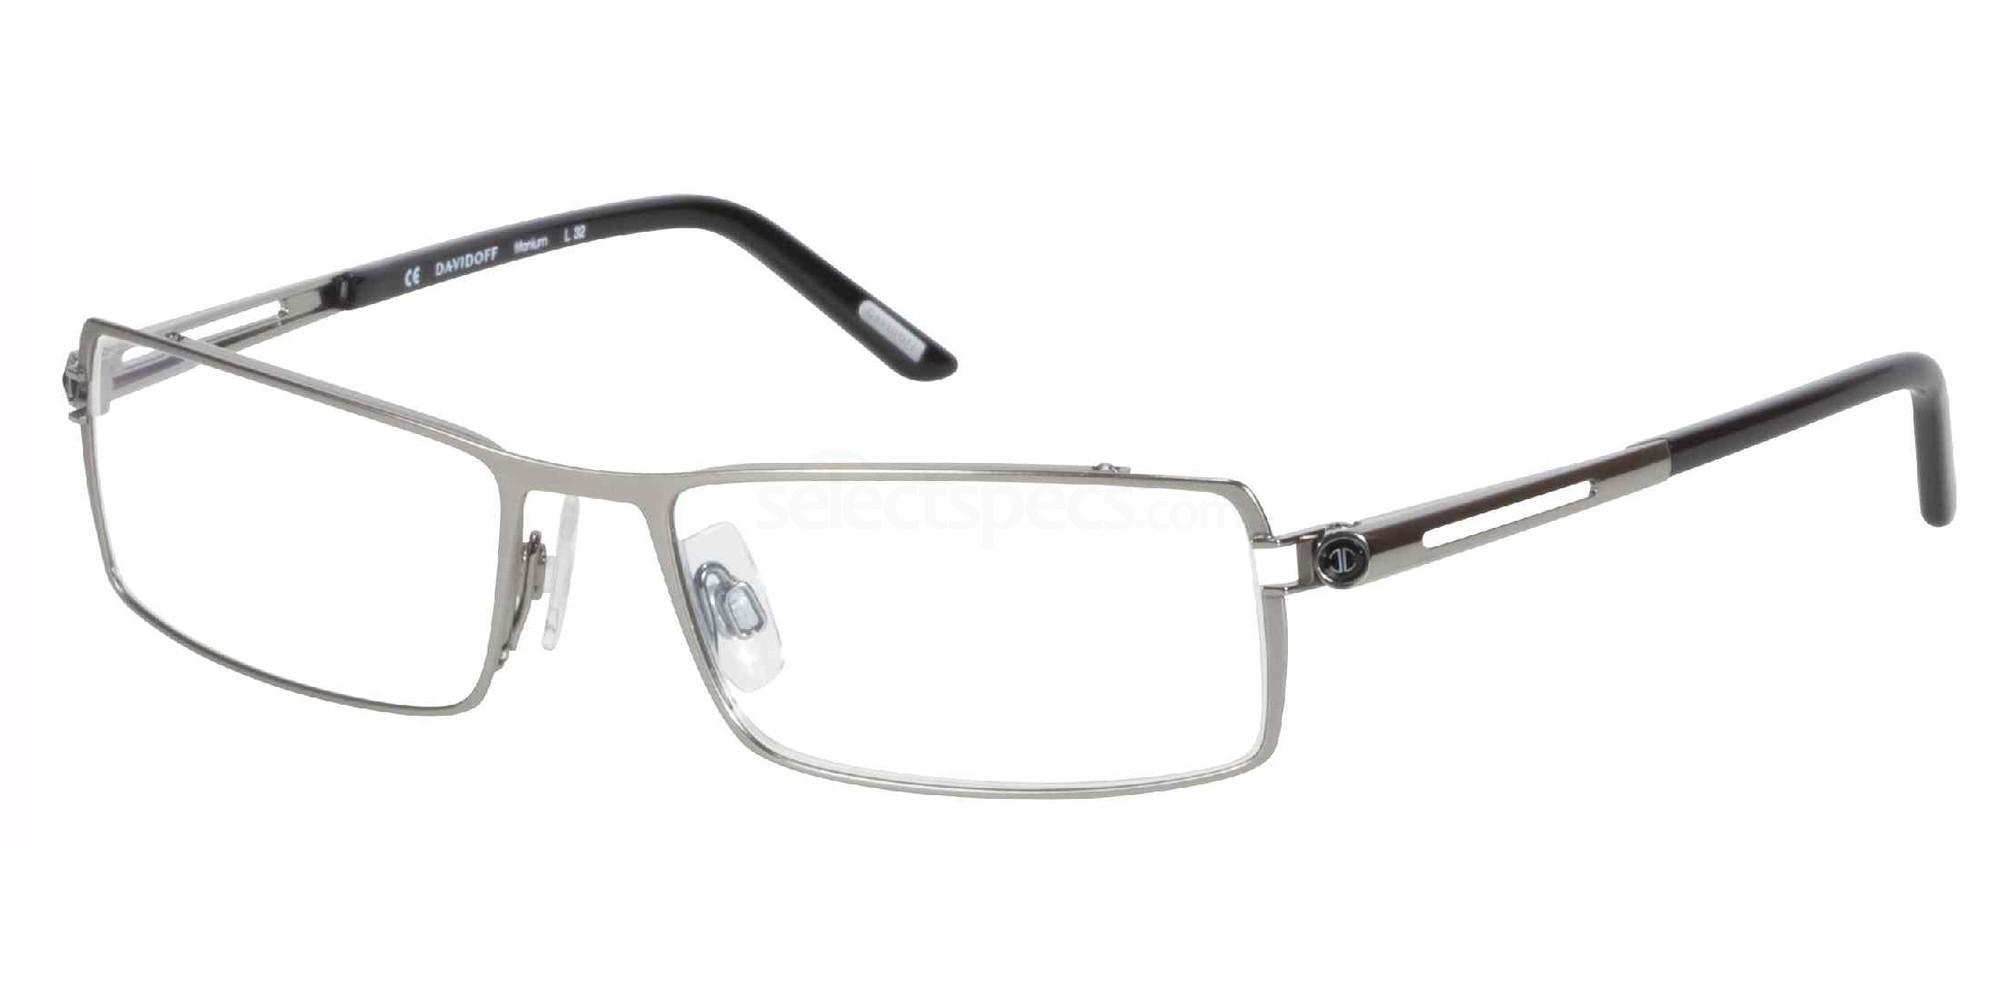 300 95501 Glasses, DAVIDOFF Eyewear